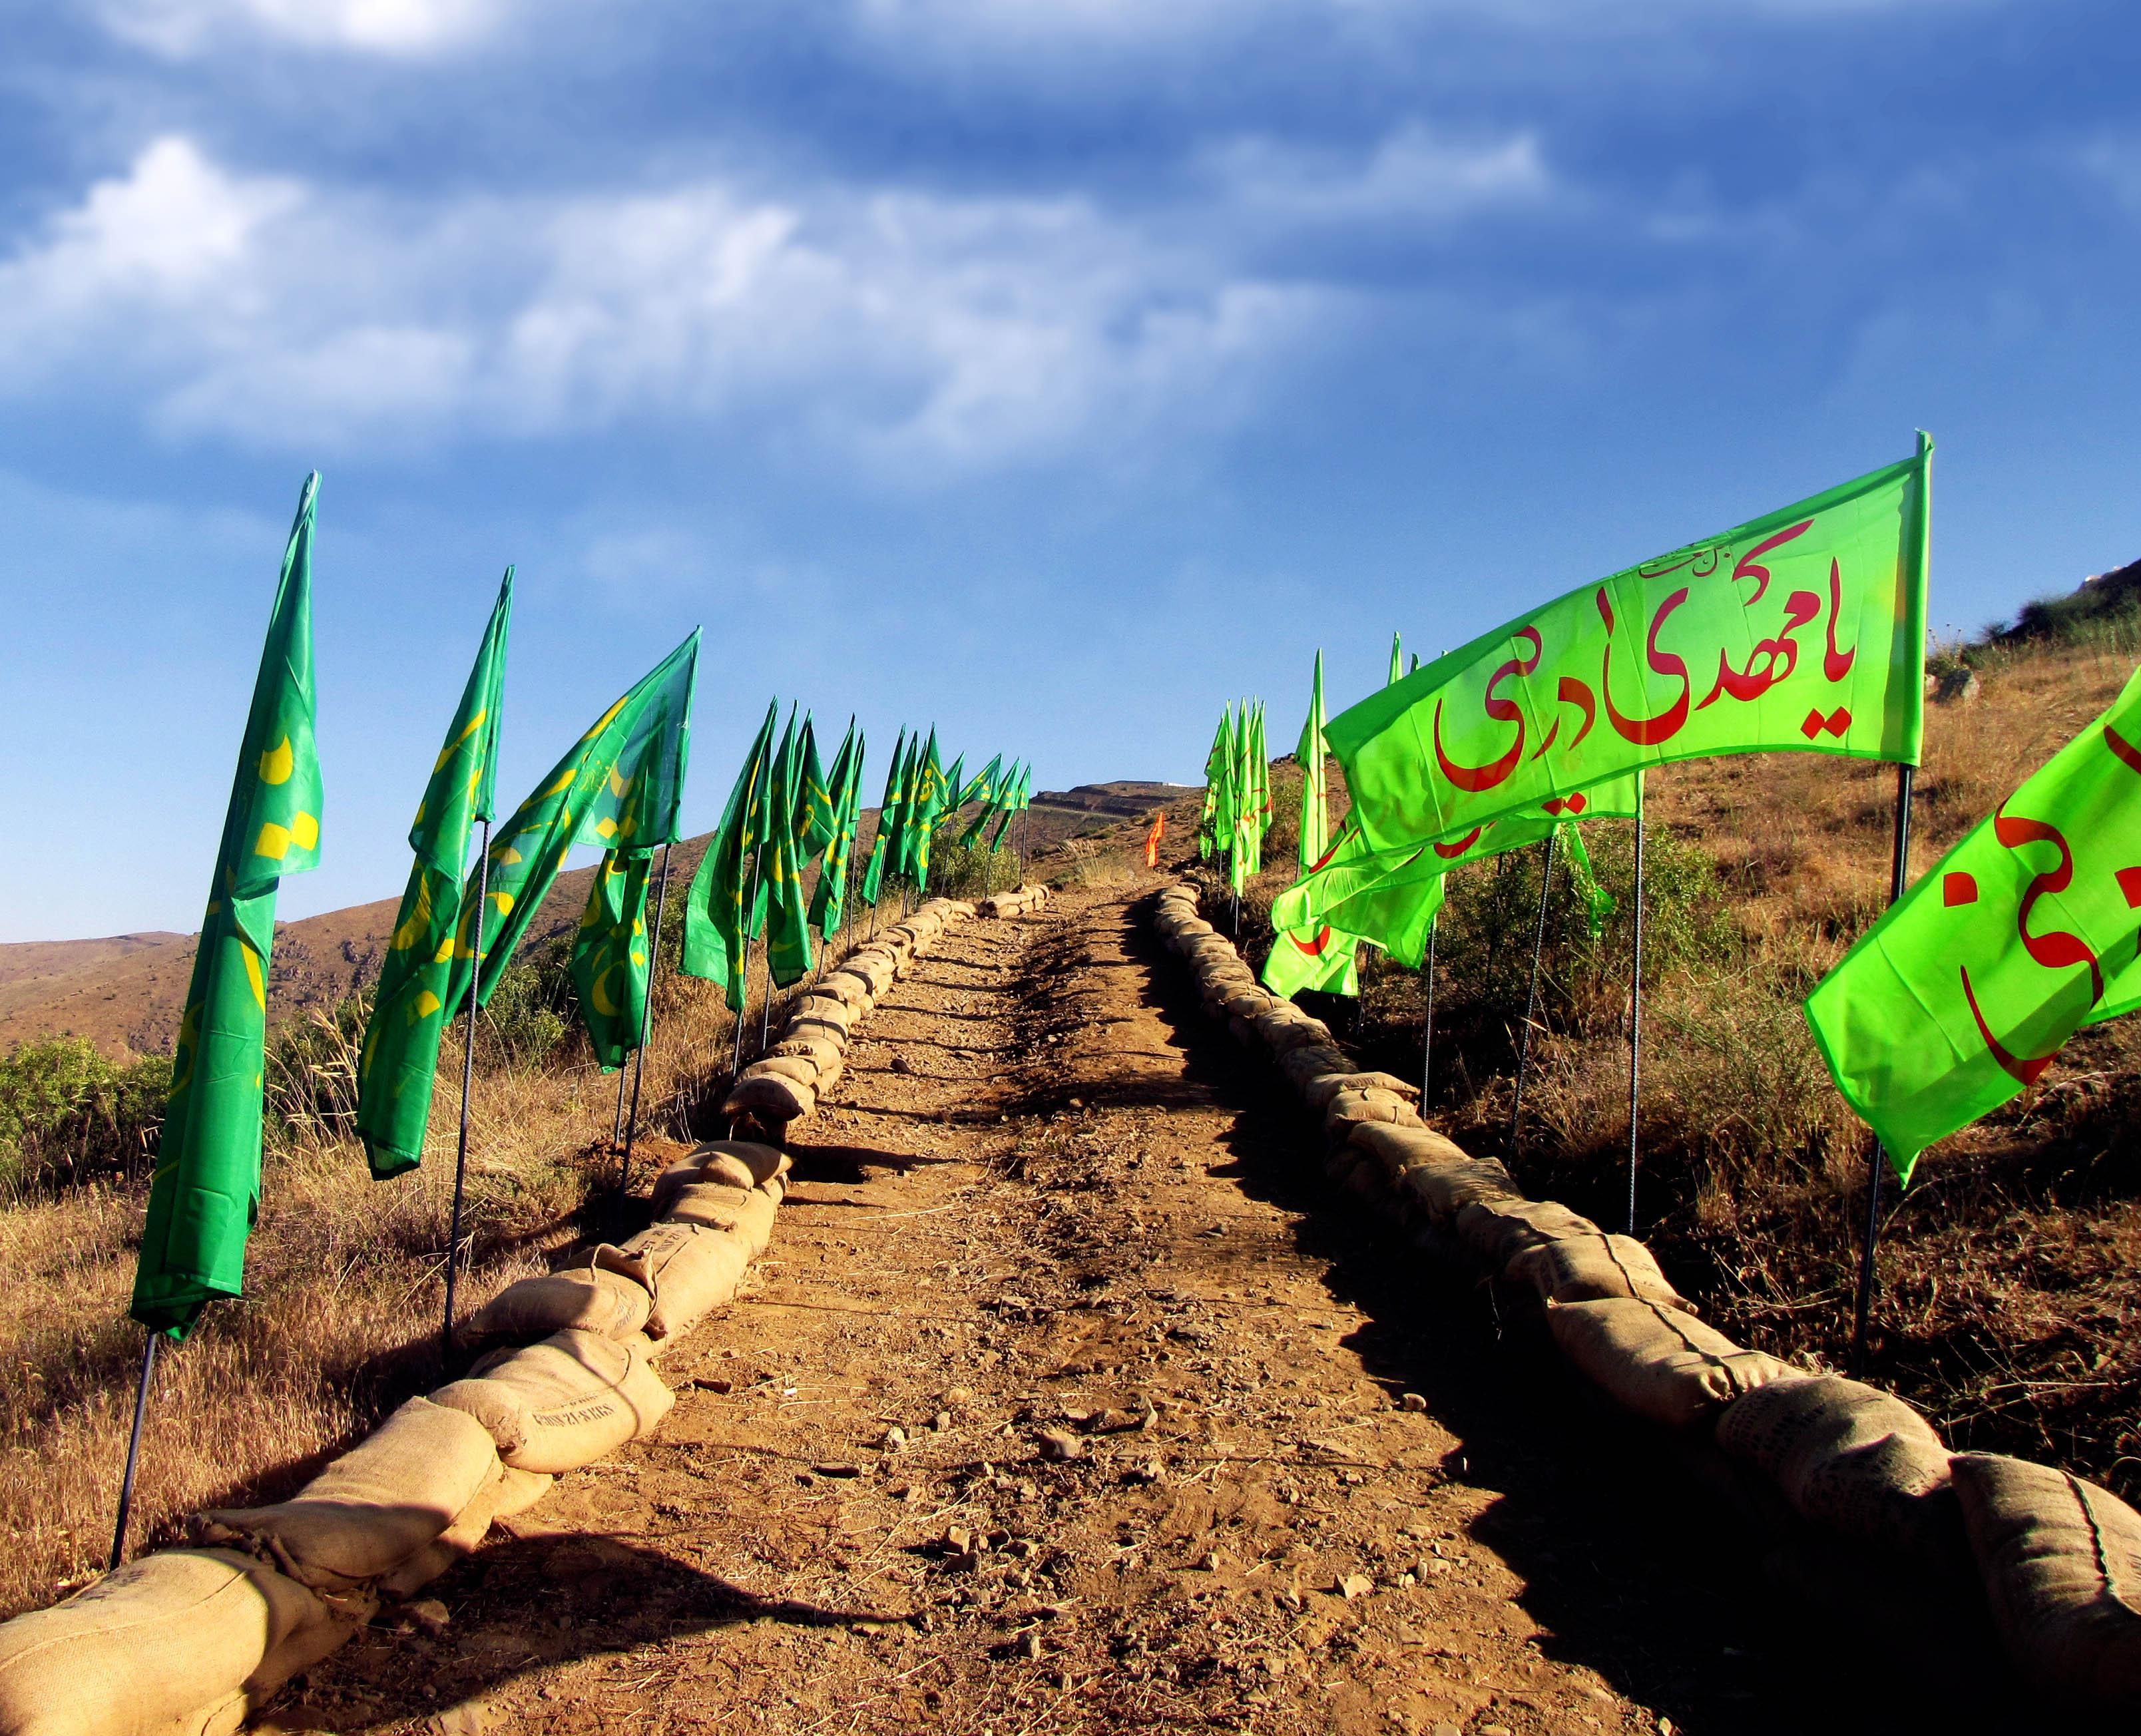 اعزام دانشجویان برخوار به اردوی راهیان نور/ فرصت محدود برای ثبت نام